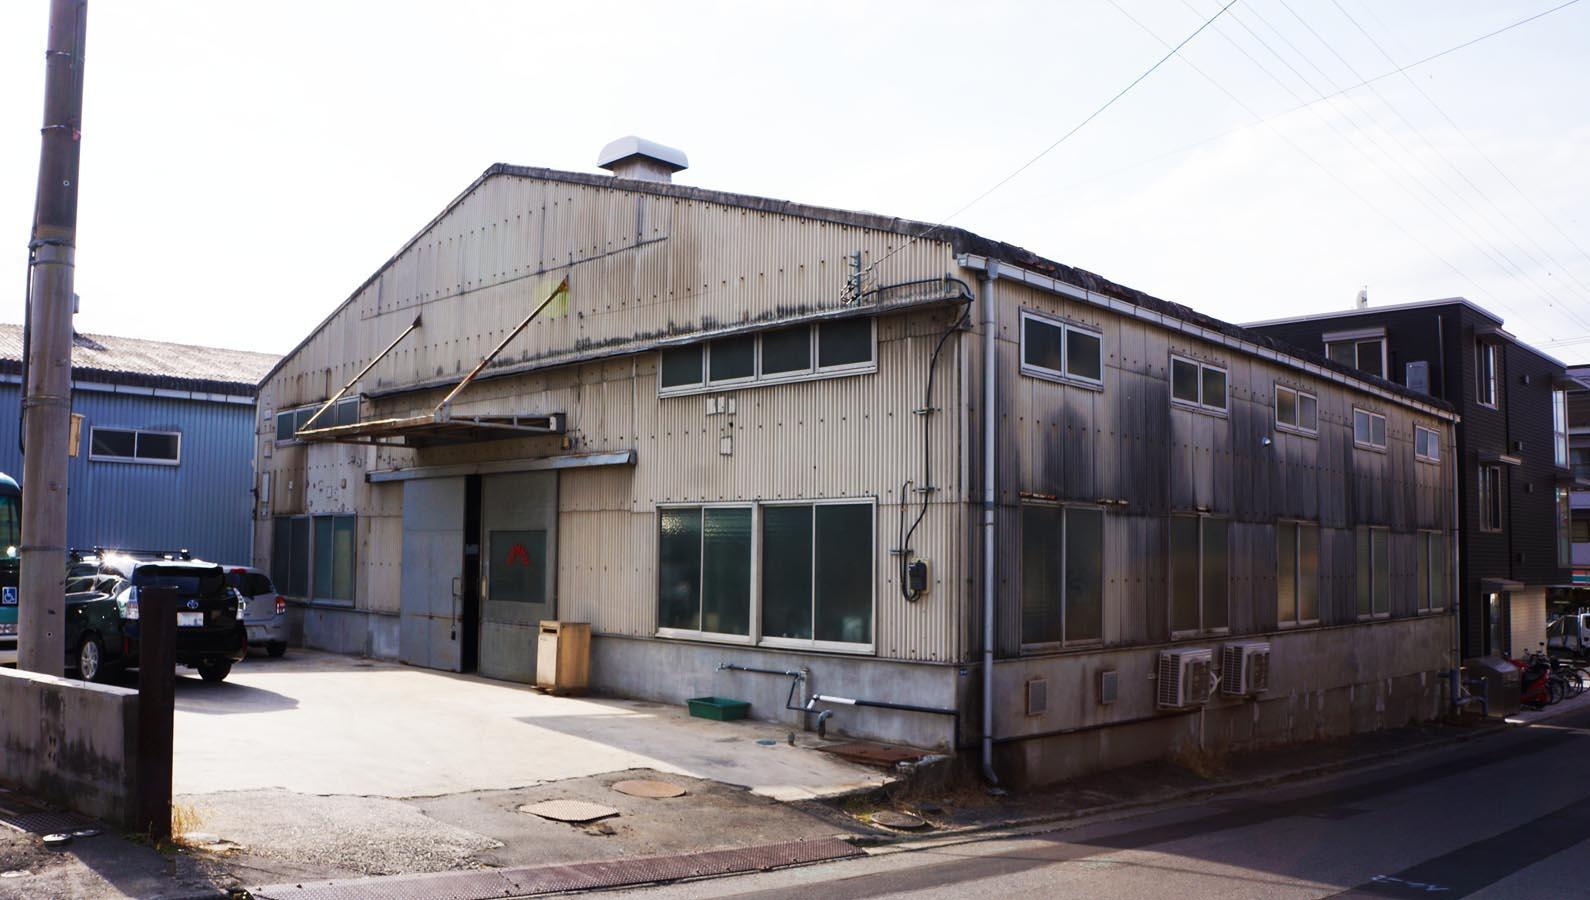 バス通りから一本入った立地。外観はいわゆる倉庫